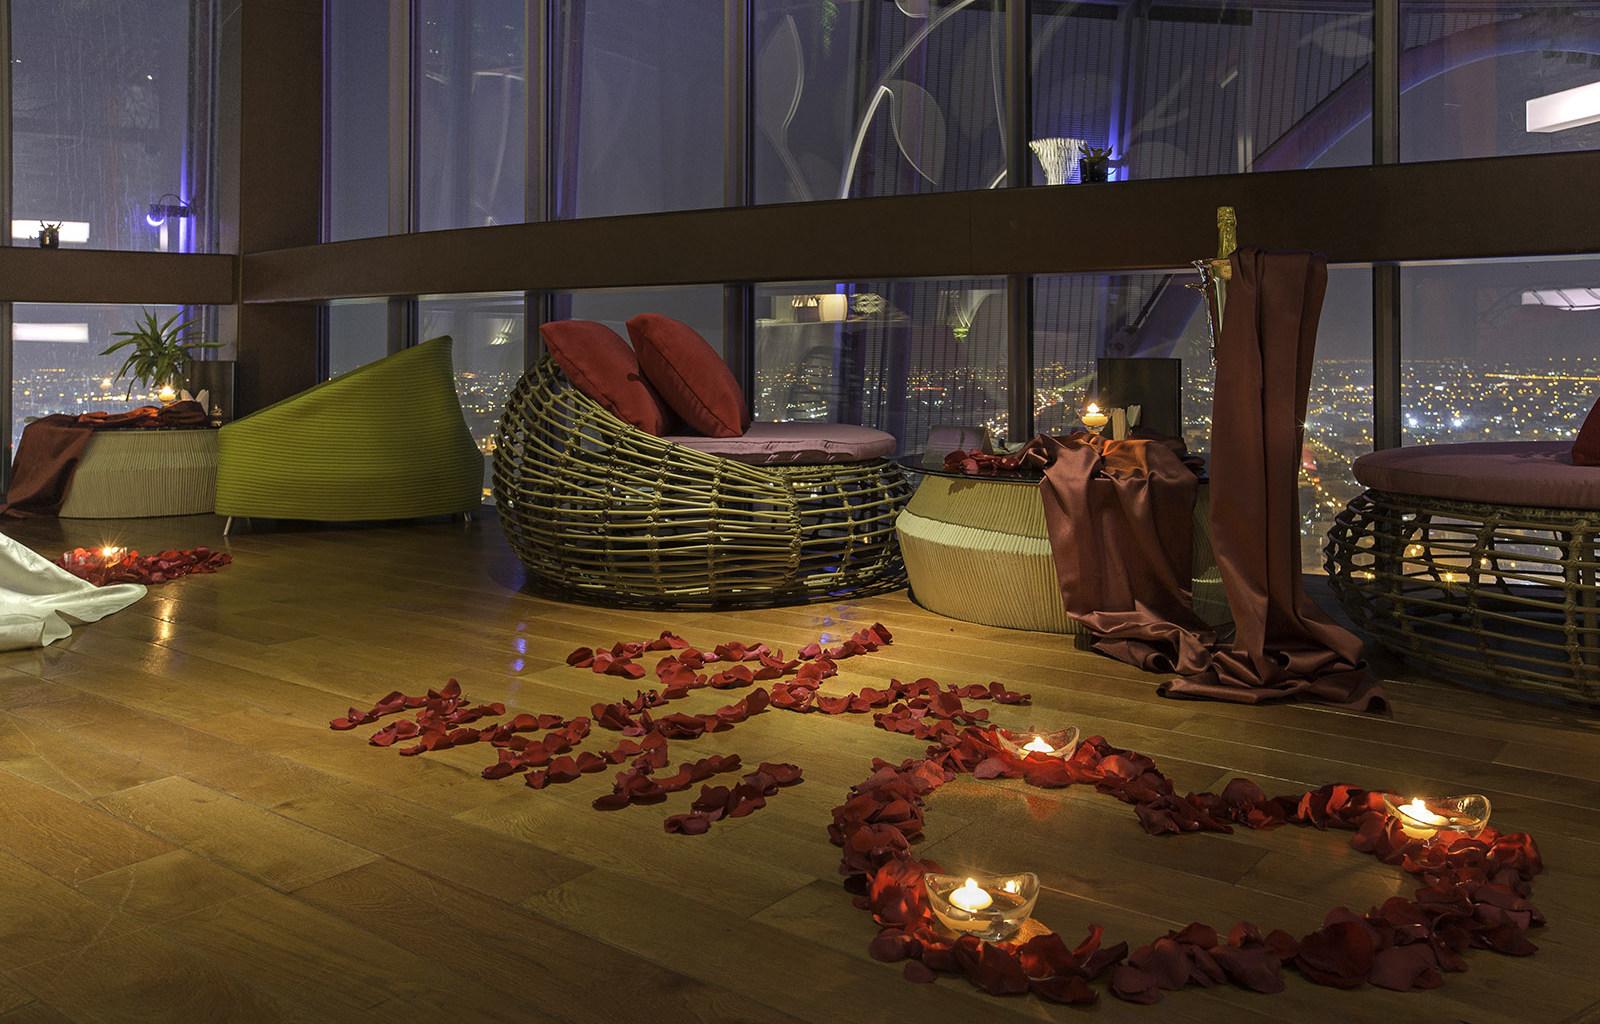 بالصور عشاء رومانسي , وجبات ليلية رومانتيكية ساحرة 1389 9